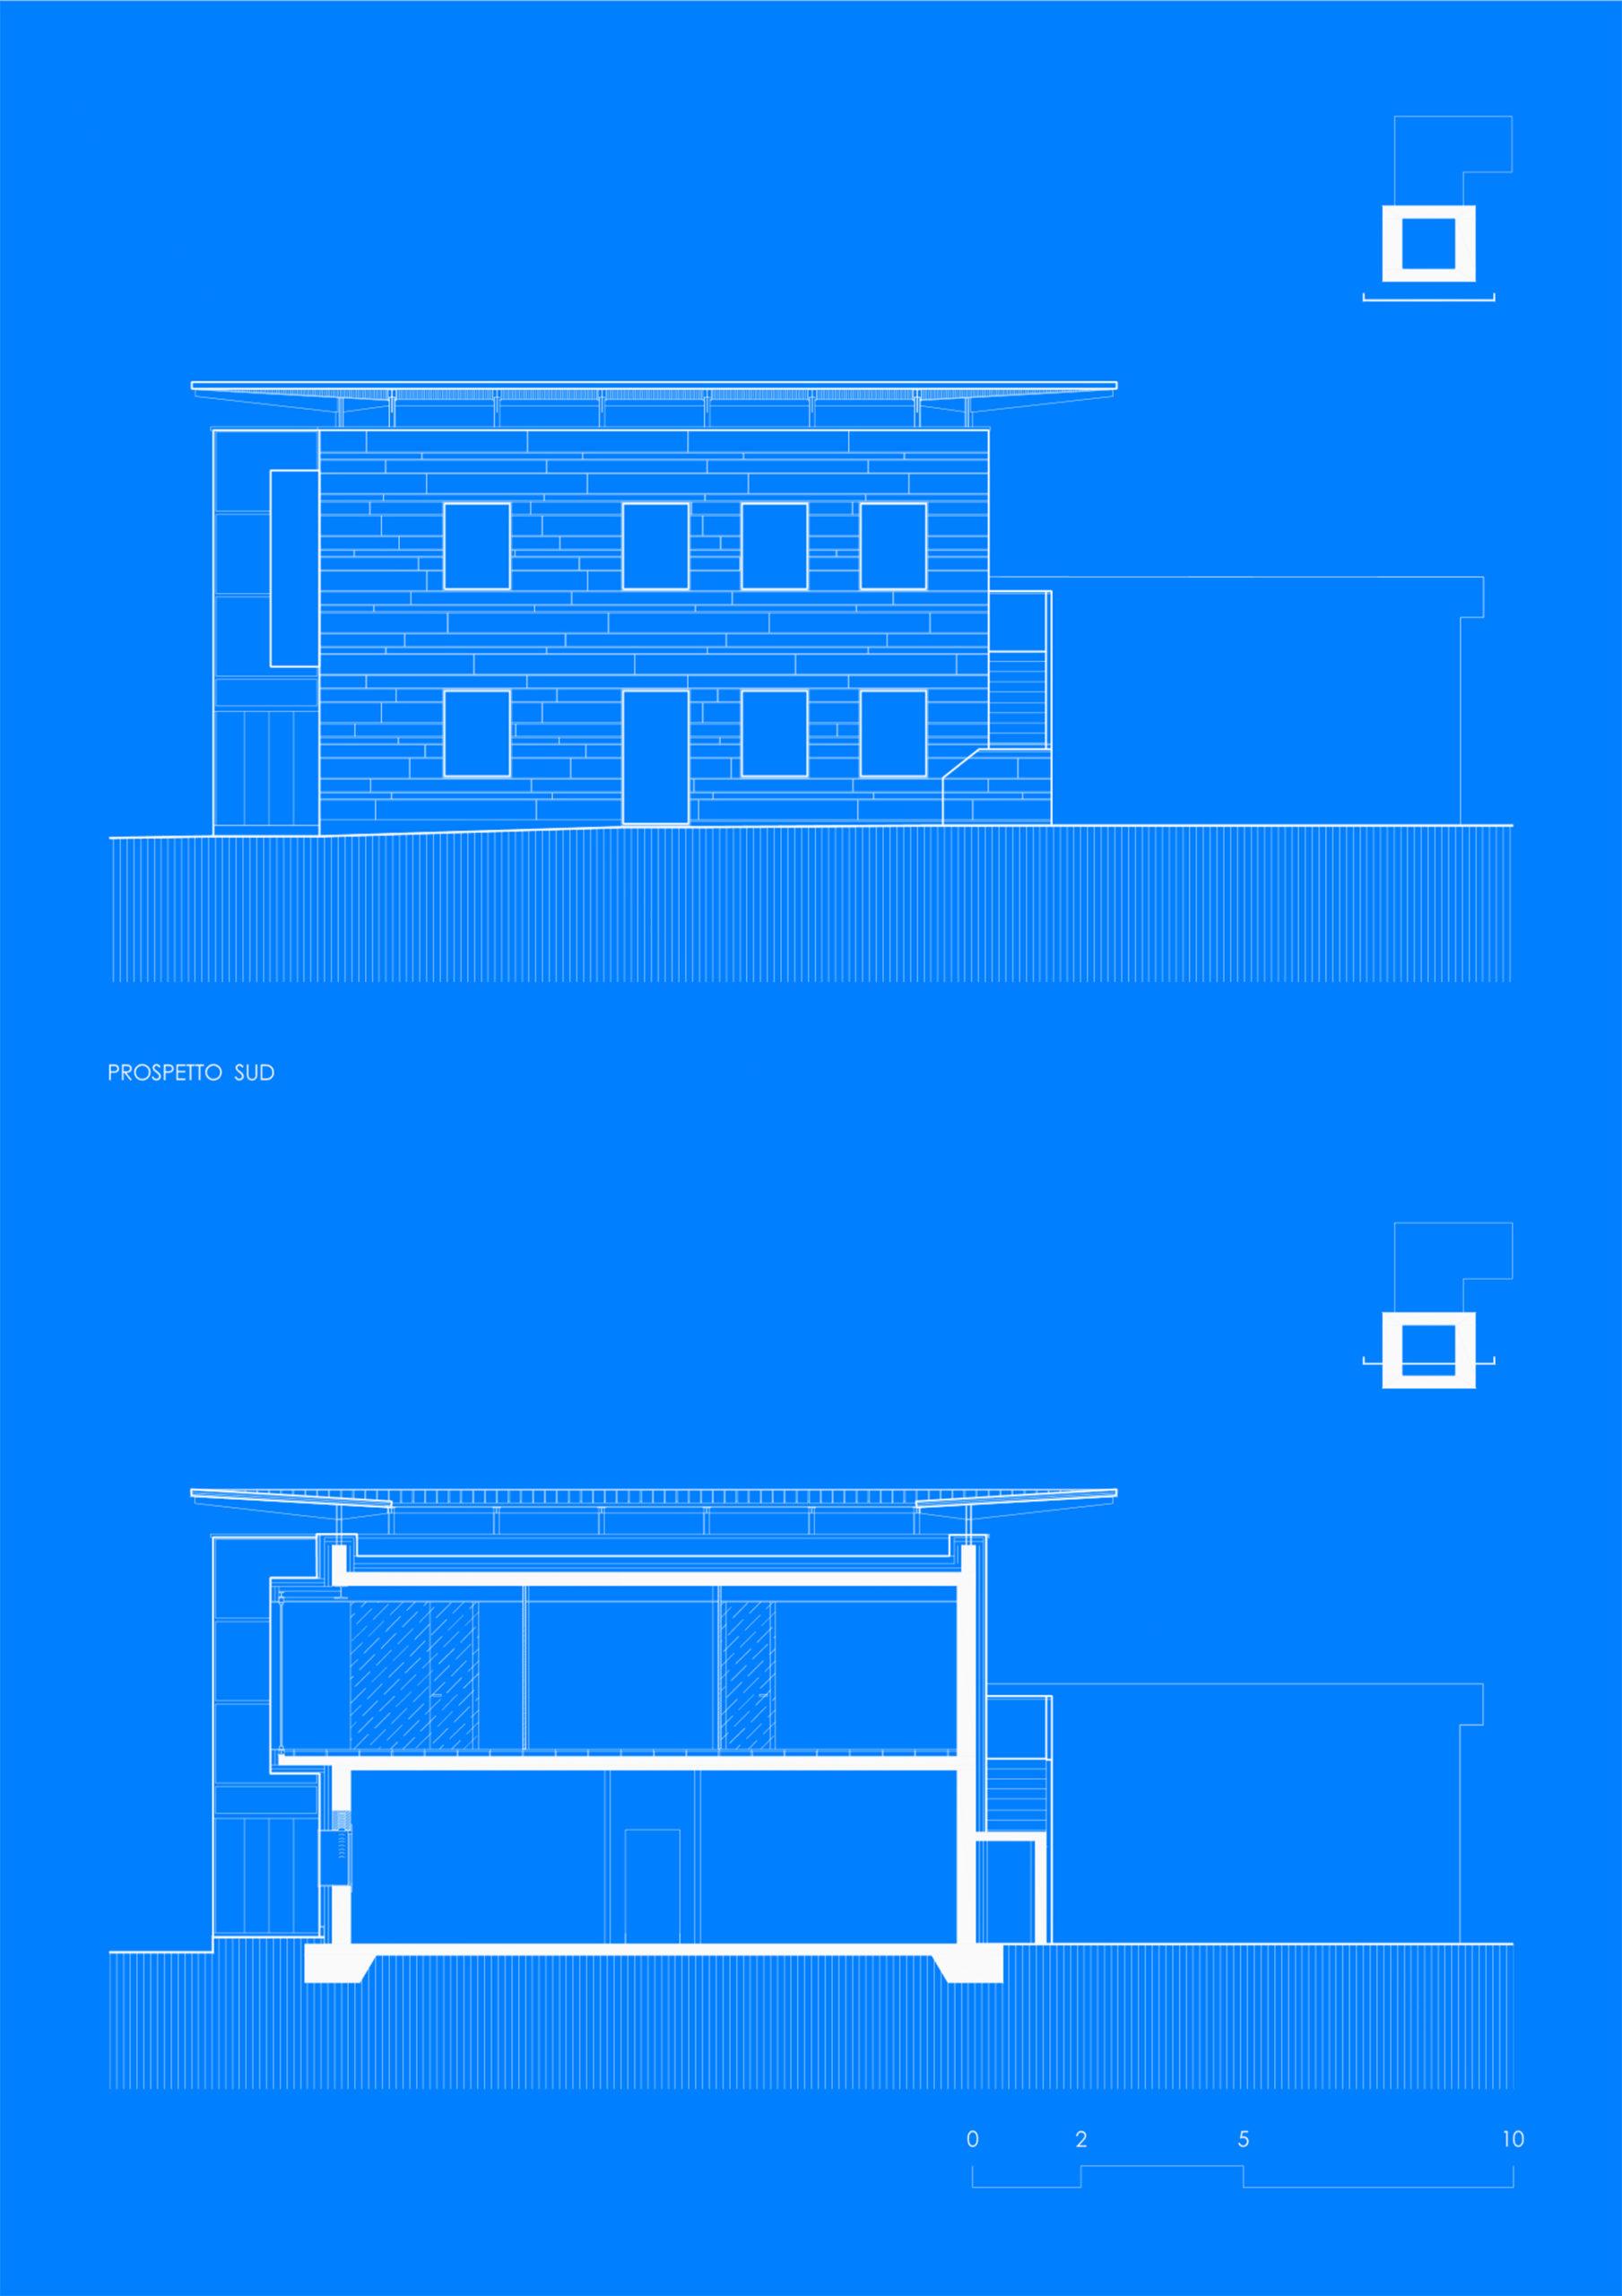 MAURISTUDIO-umberto-mauri-mauri-studio-bosisio-parini-New-Office-Building-Bosisio-Parini-Lecco-work-in-progress-Ventilated-Facade_final_03_2000